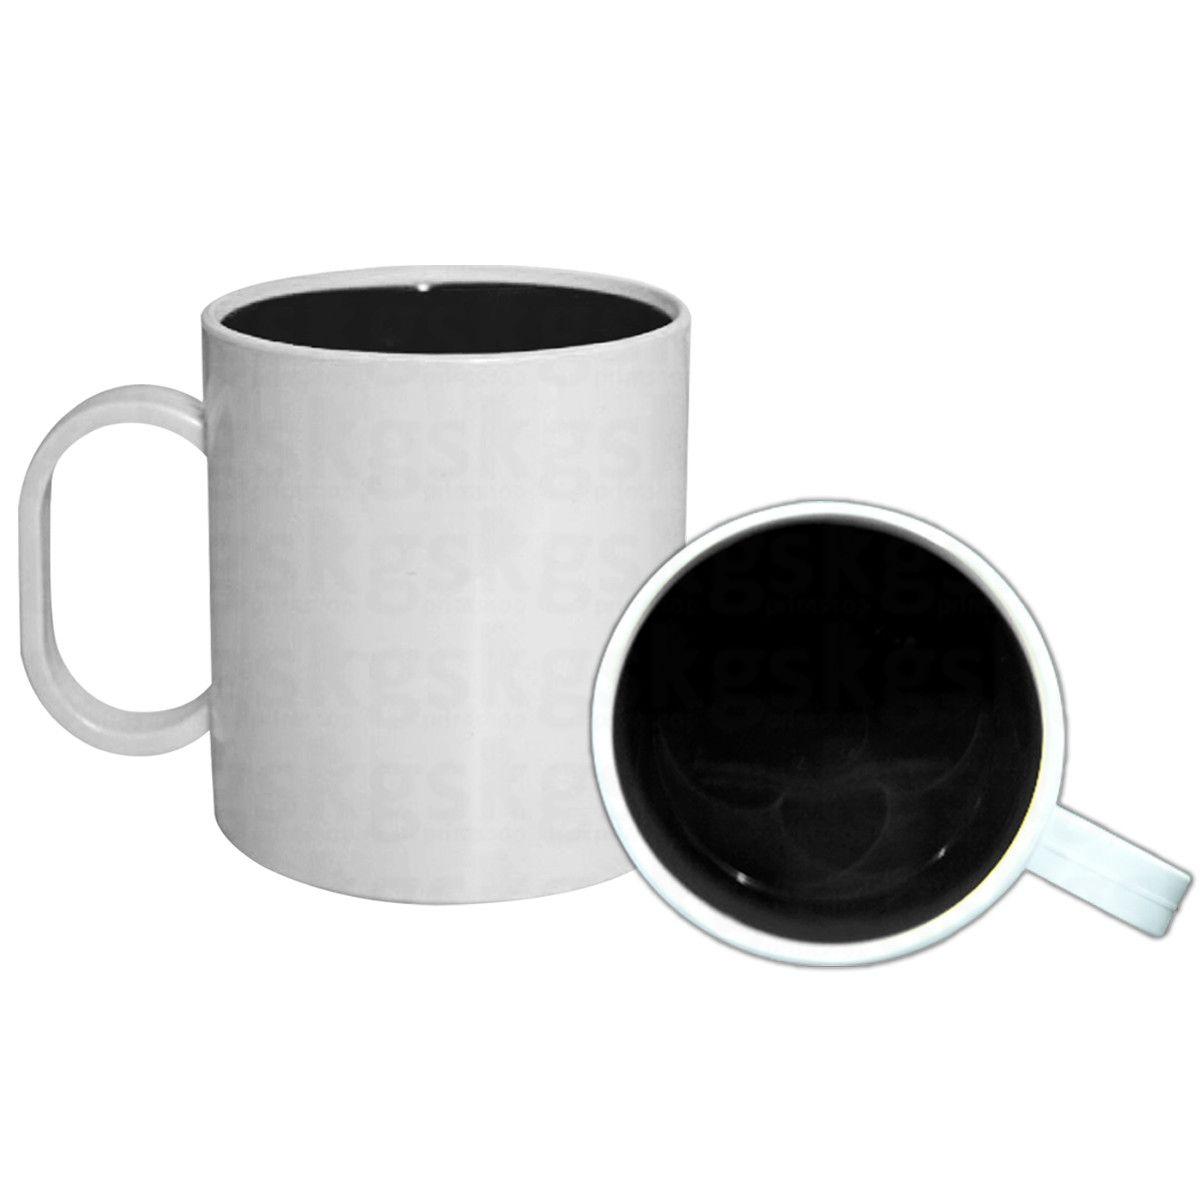 Caneca de polímero com interior preto